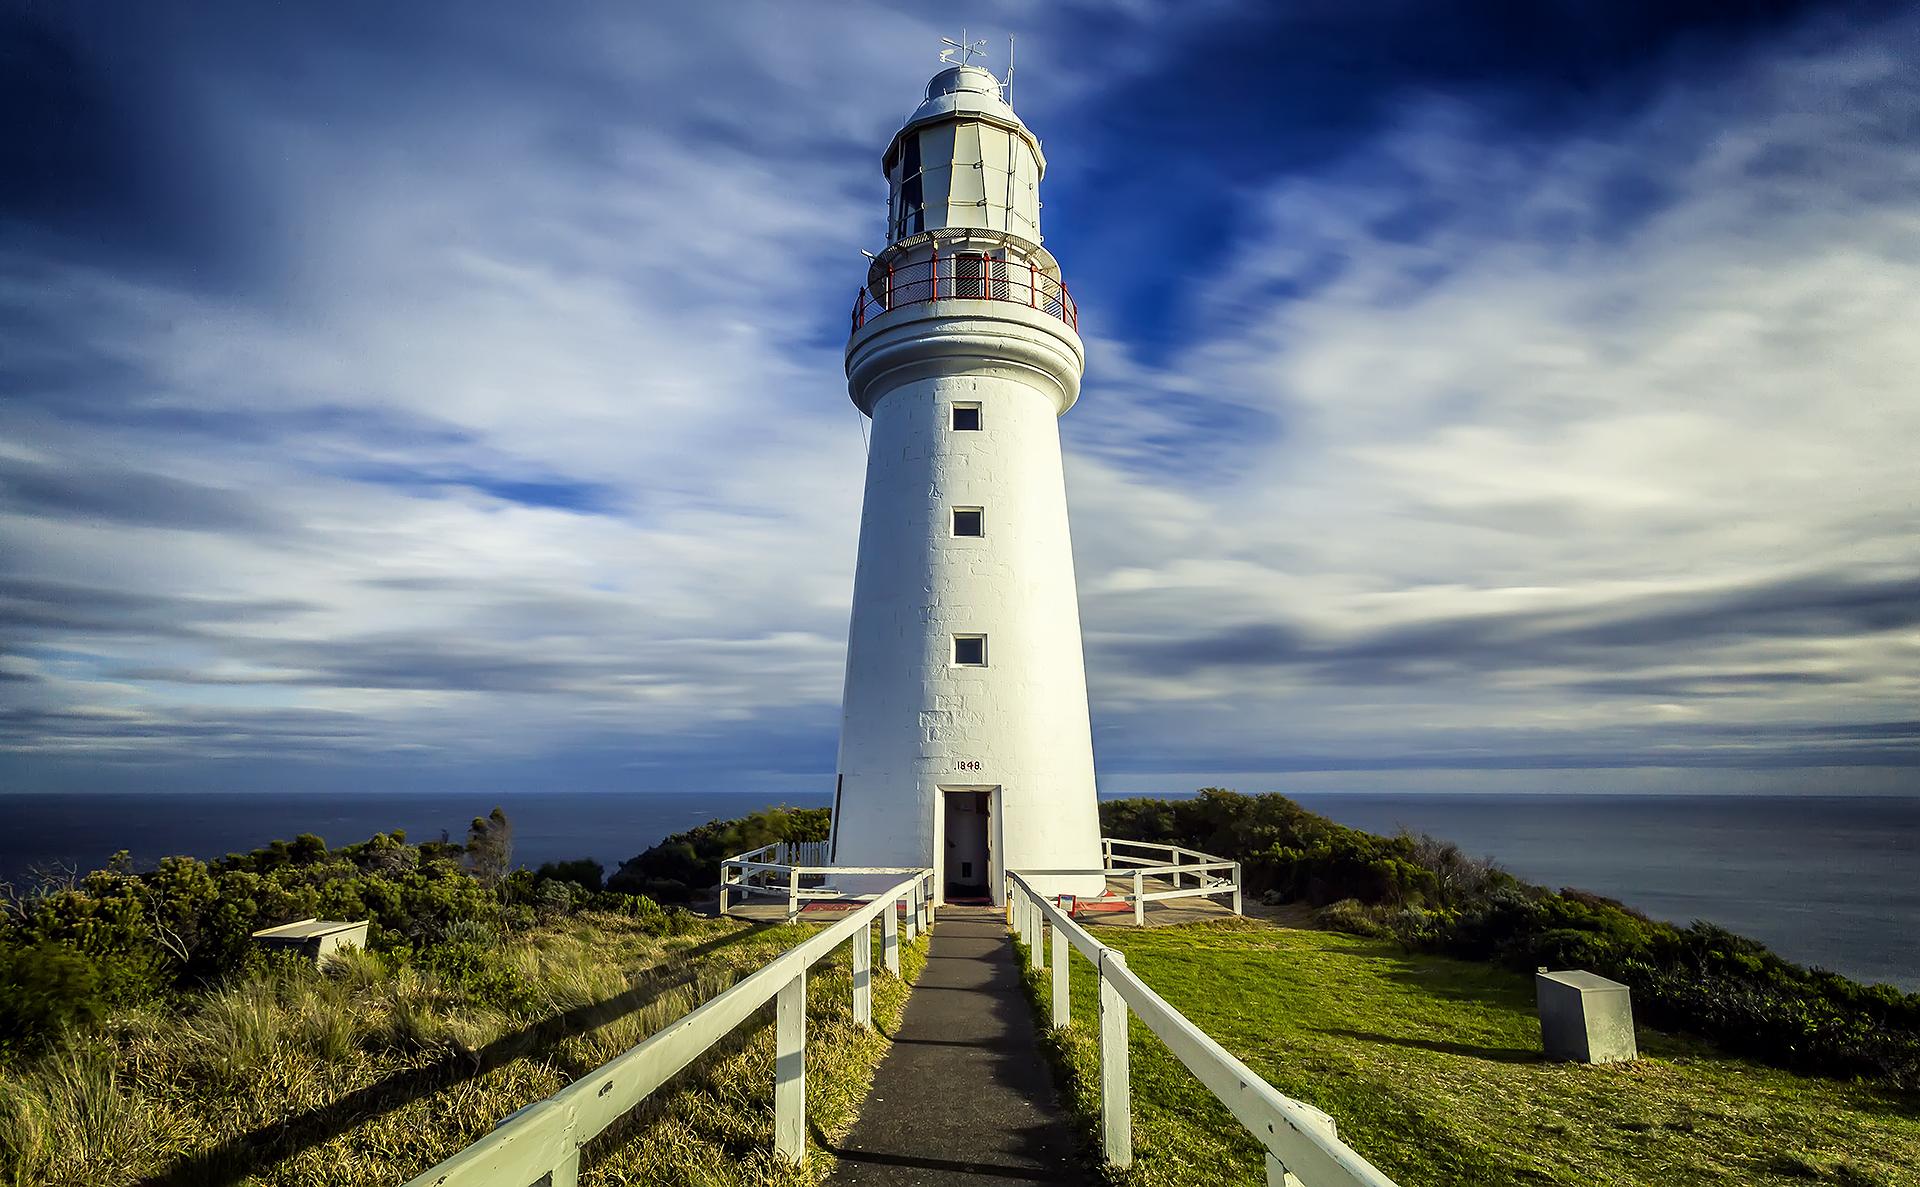 Cape Otway Lighthouse - 5 thị trấn bạn nên ghé thăm khi đi Great Ocean Road